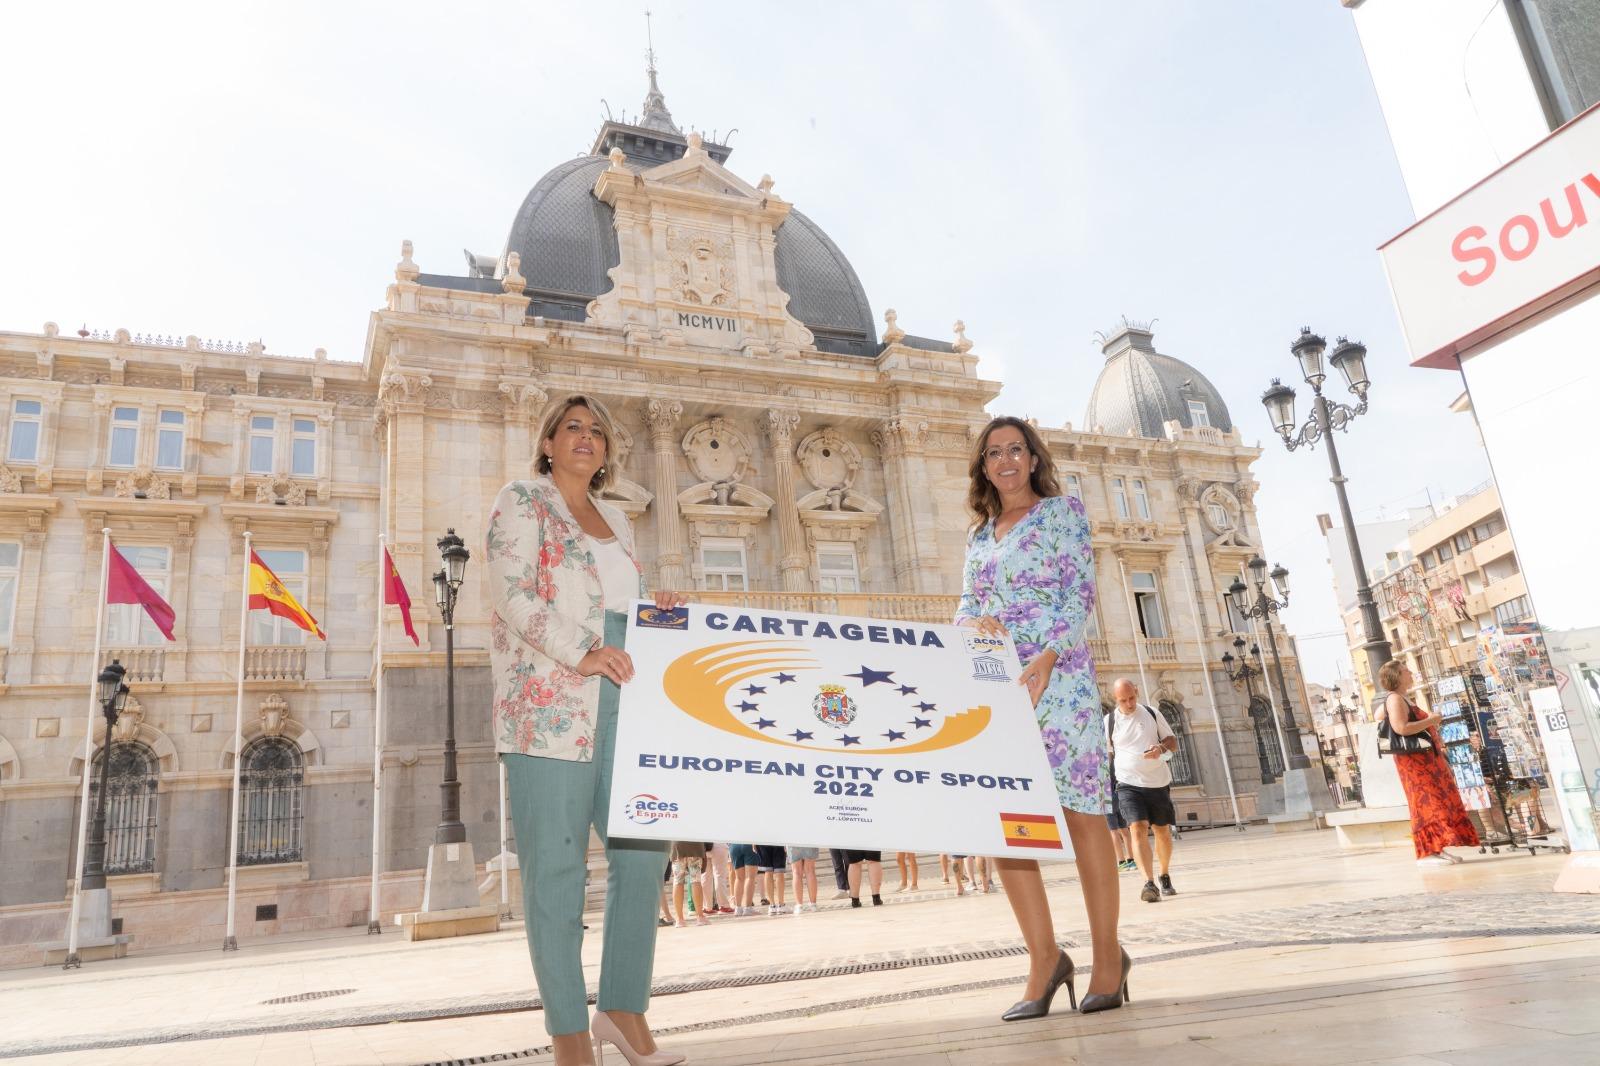 La alcaldesa Noelia Arroyo y la vicealcaldesa Ana Belén Castejón, con el cartel.